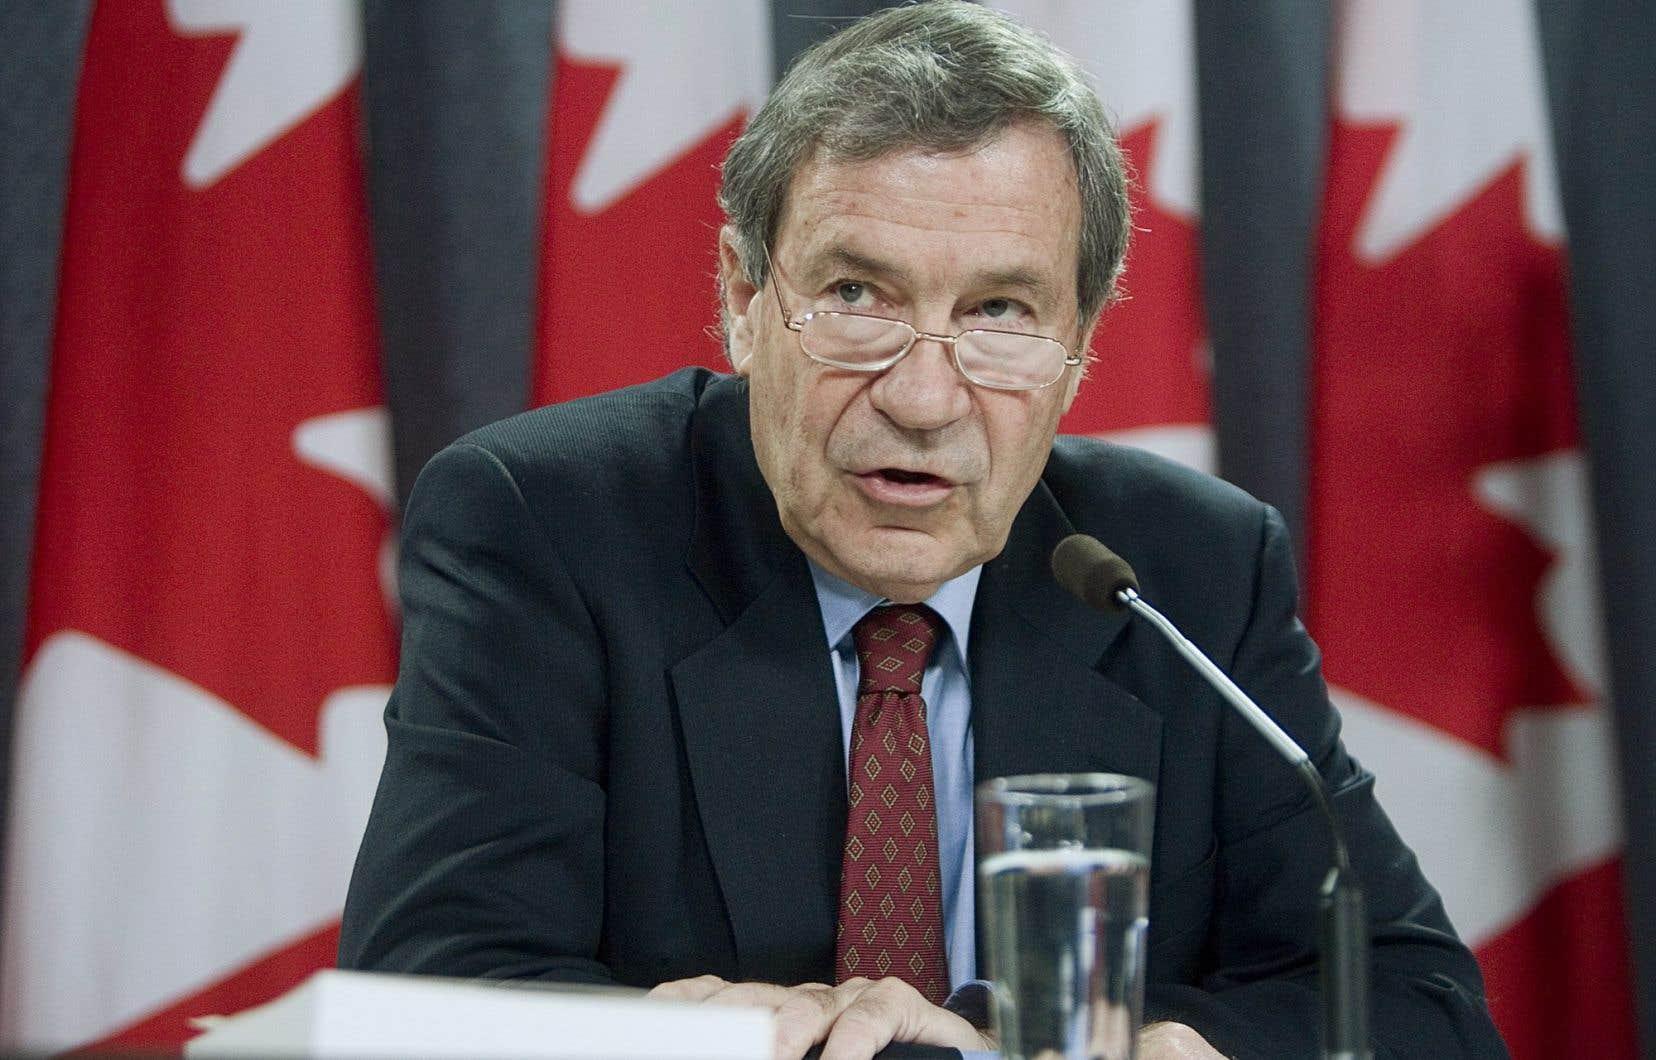 L'obligation de signaler les cas de torture au ministre des Affaires étrangères était l'une des principales recommandations du juge Dennis O'Connor en 2004, à la suite de son enquête sur l'arrestation et la détention de Maher Arar.